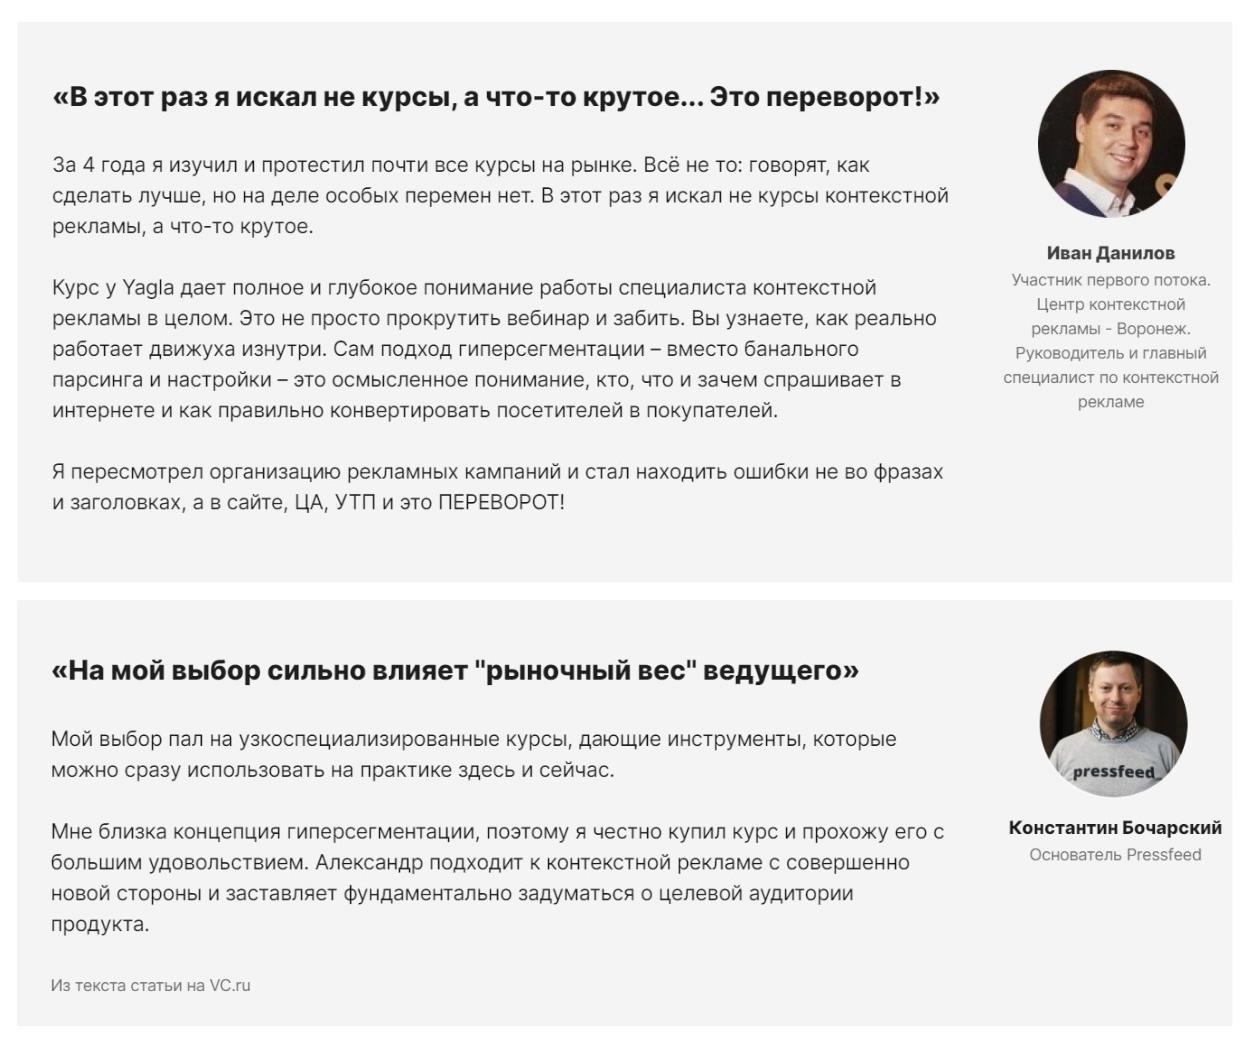 Отзыв о курсе «Яндекс.Директ» от YAGLA